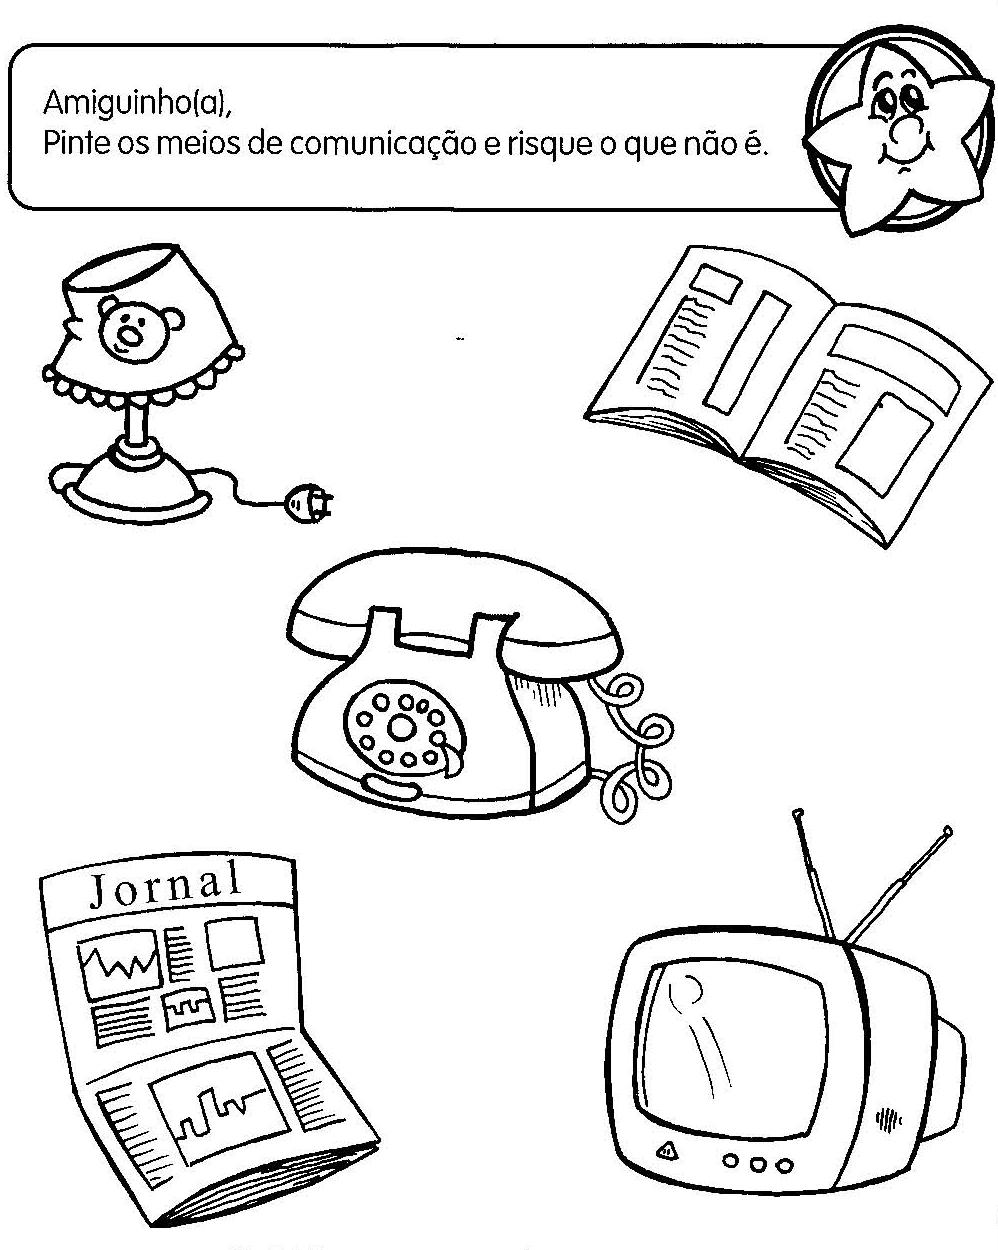 imagens para colorir meios de comunicação - Páginas para colorir Meios de Comunicação Educolorir